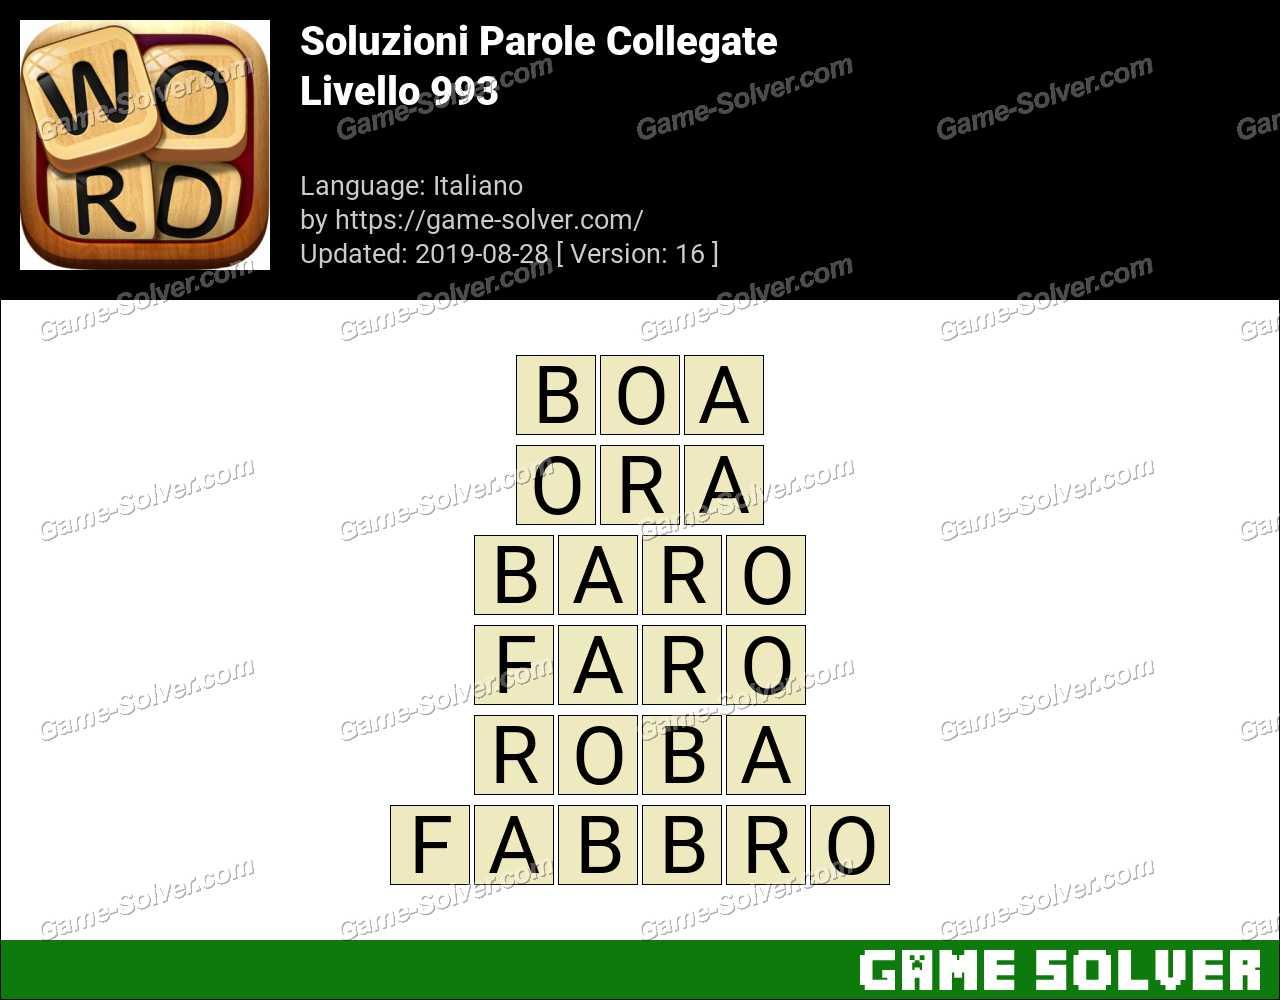 Soluzioni Parole Collegate Livello 993